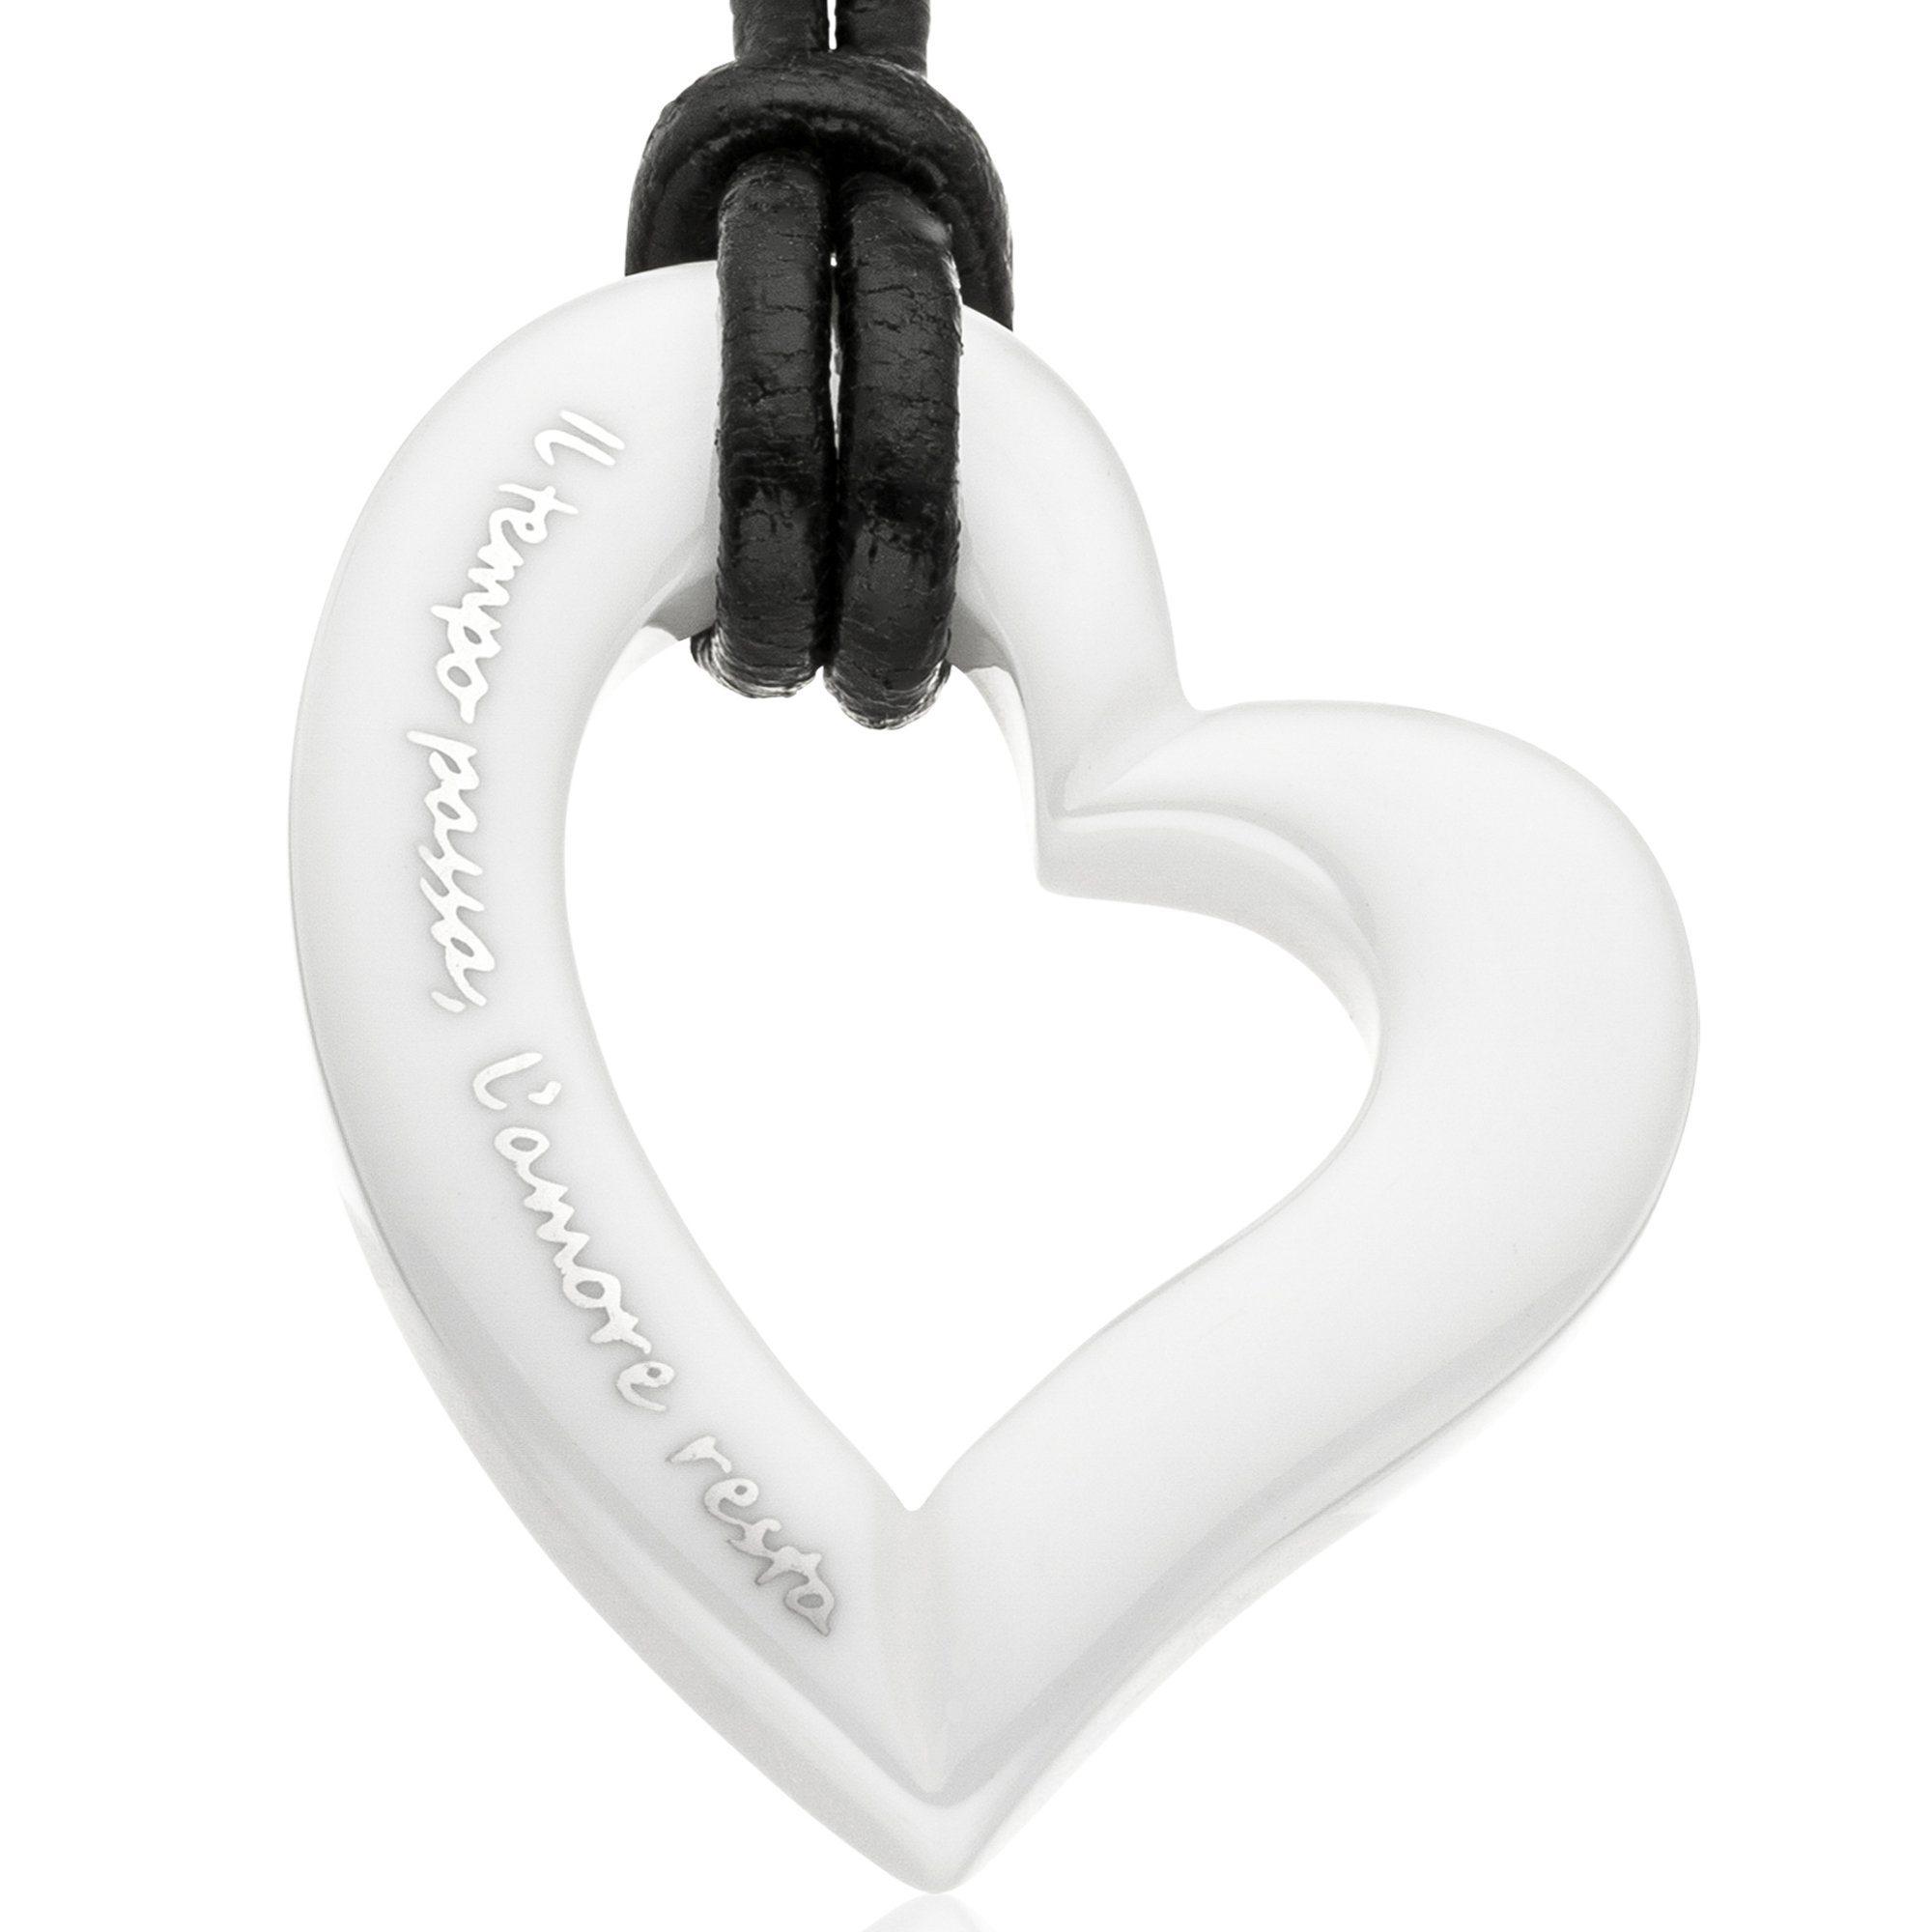 Gilardy Anhänger mit Kette »Keramik Herz White« | Schmuck > Halsketten > Herzketten | White - Weißgold | Gilardy